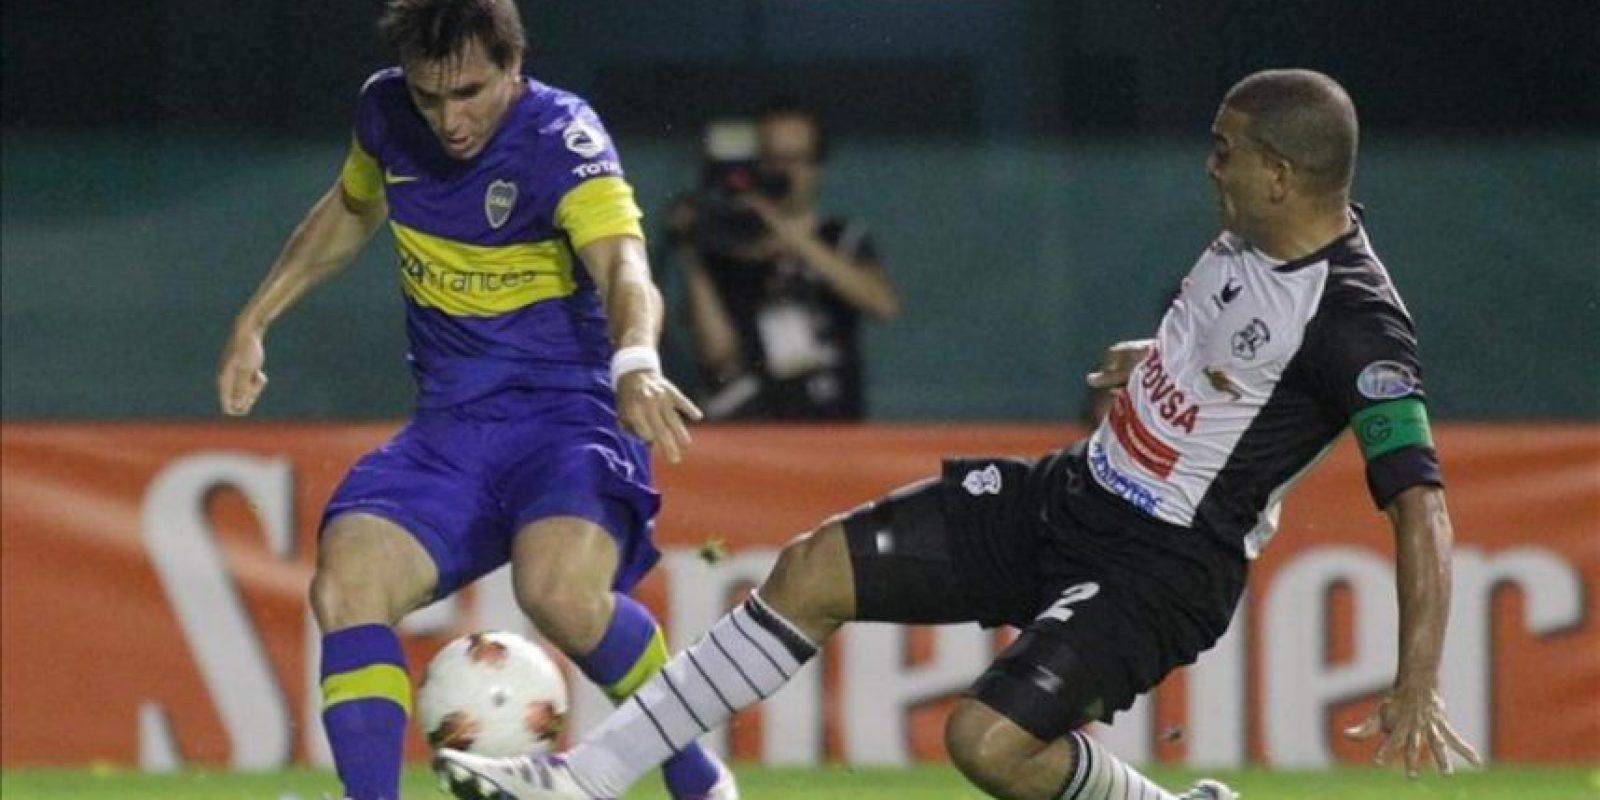 El jugador Pablo Mouche (i) de Boca Juniors, lucha por el balón con Moises Galezo (d) de Zamora, en un partido por la segunda fase del grupo cuatro de la Copa Libertadores 2012 en el estadio Diego J. Armando mas conocido como la Bombonera. EFE